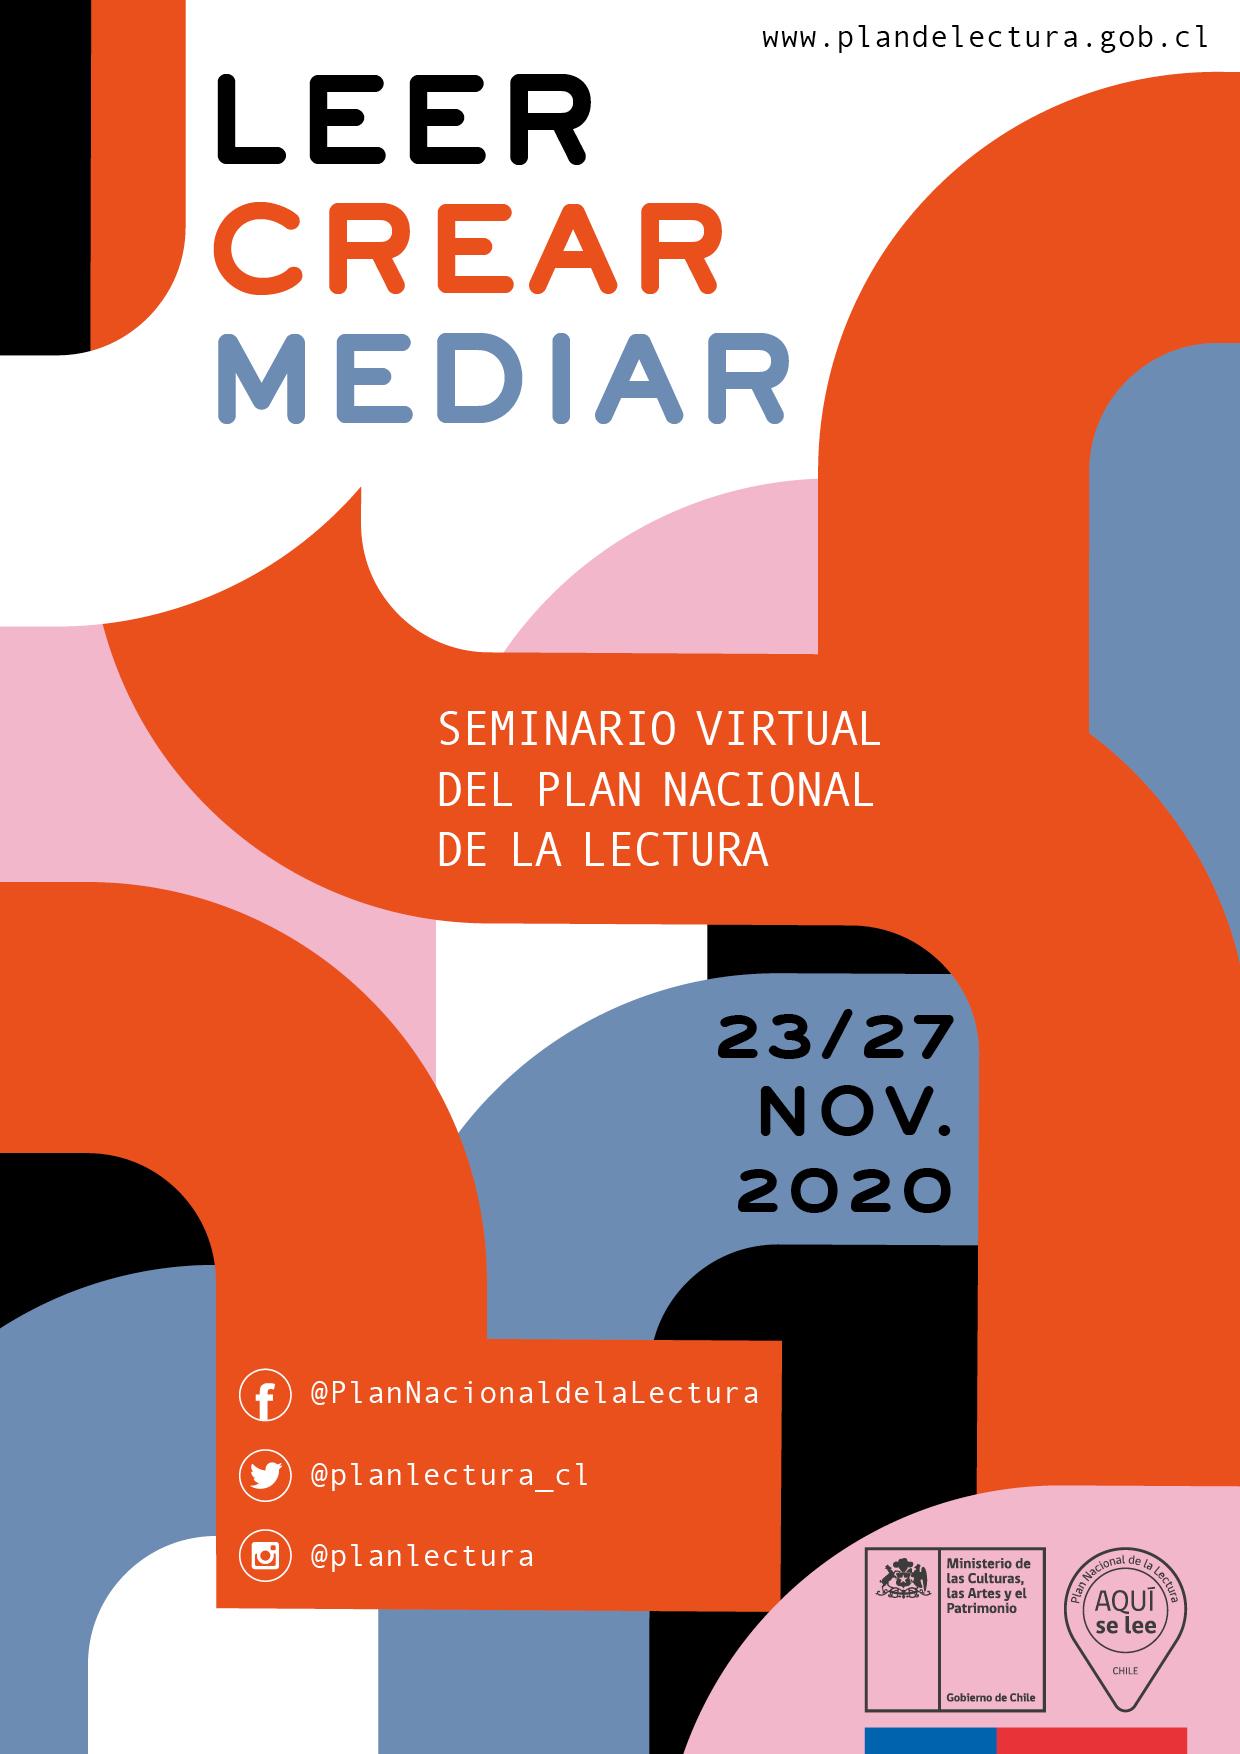 Seminario virtual del Plan Nacional de la Lectura reunirá más de 60 especialistas ligados al fomento lector